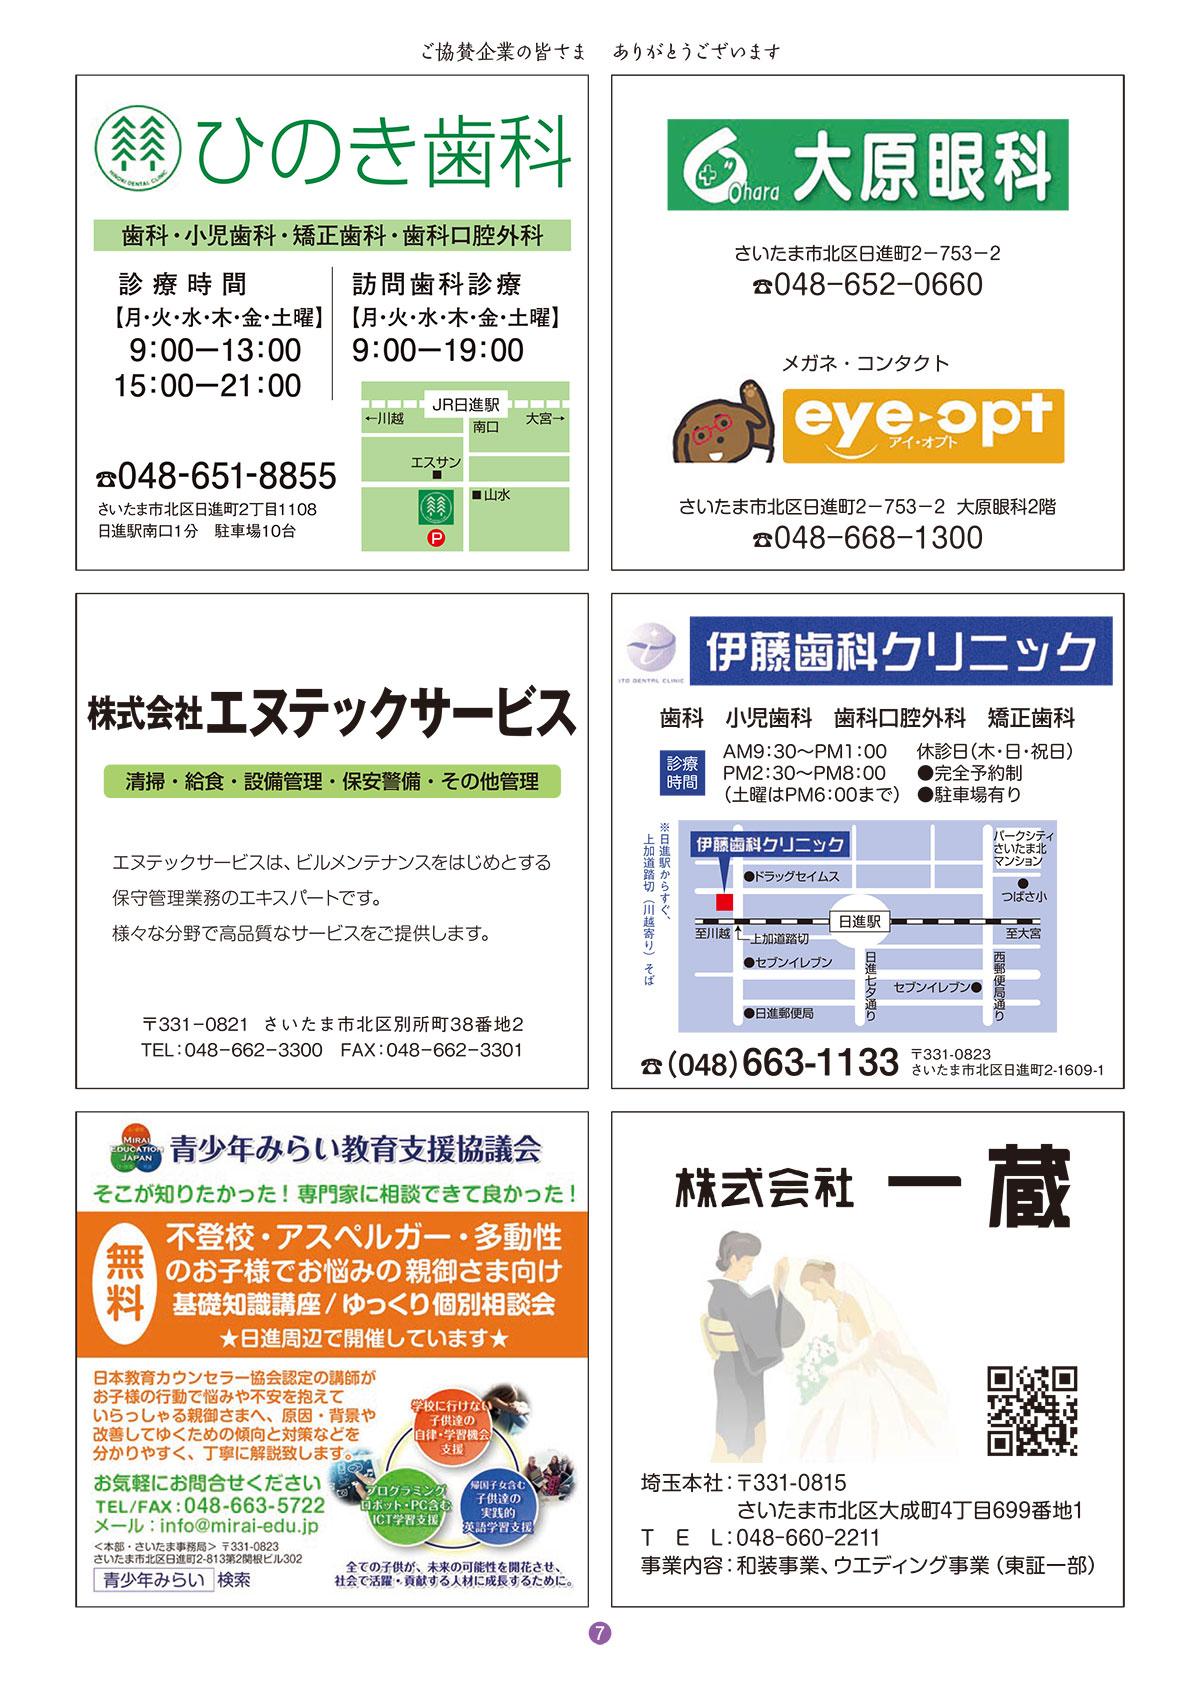 大宮日進七夕まつり2019|公式ガイドブック